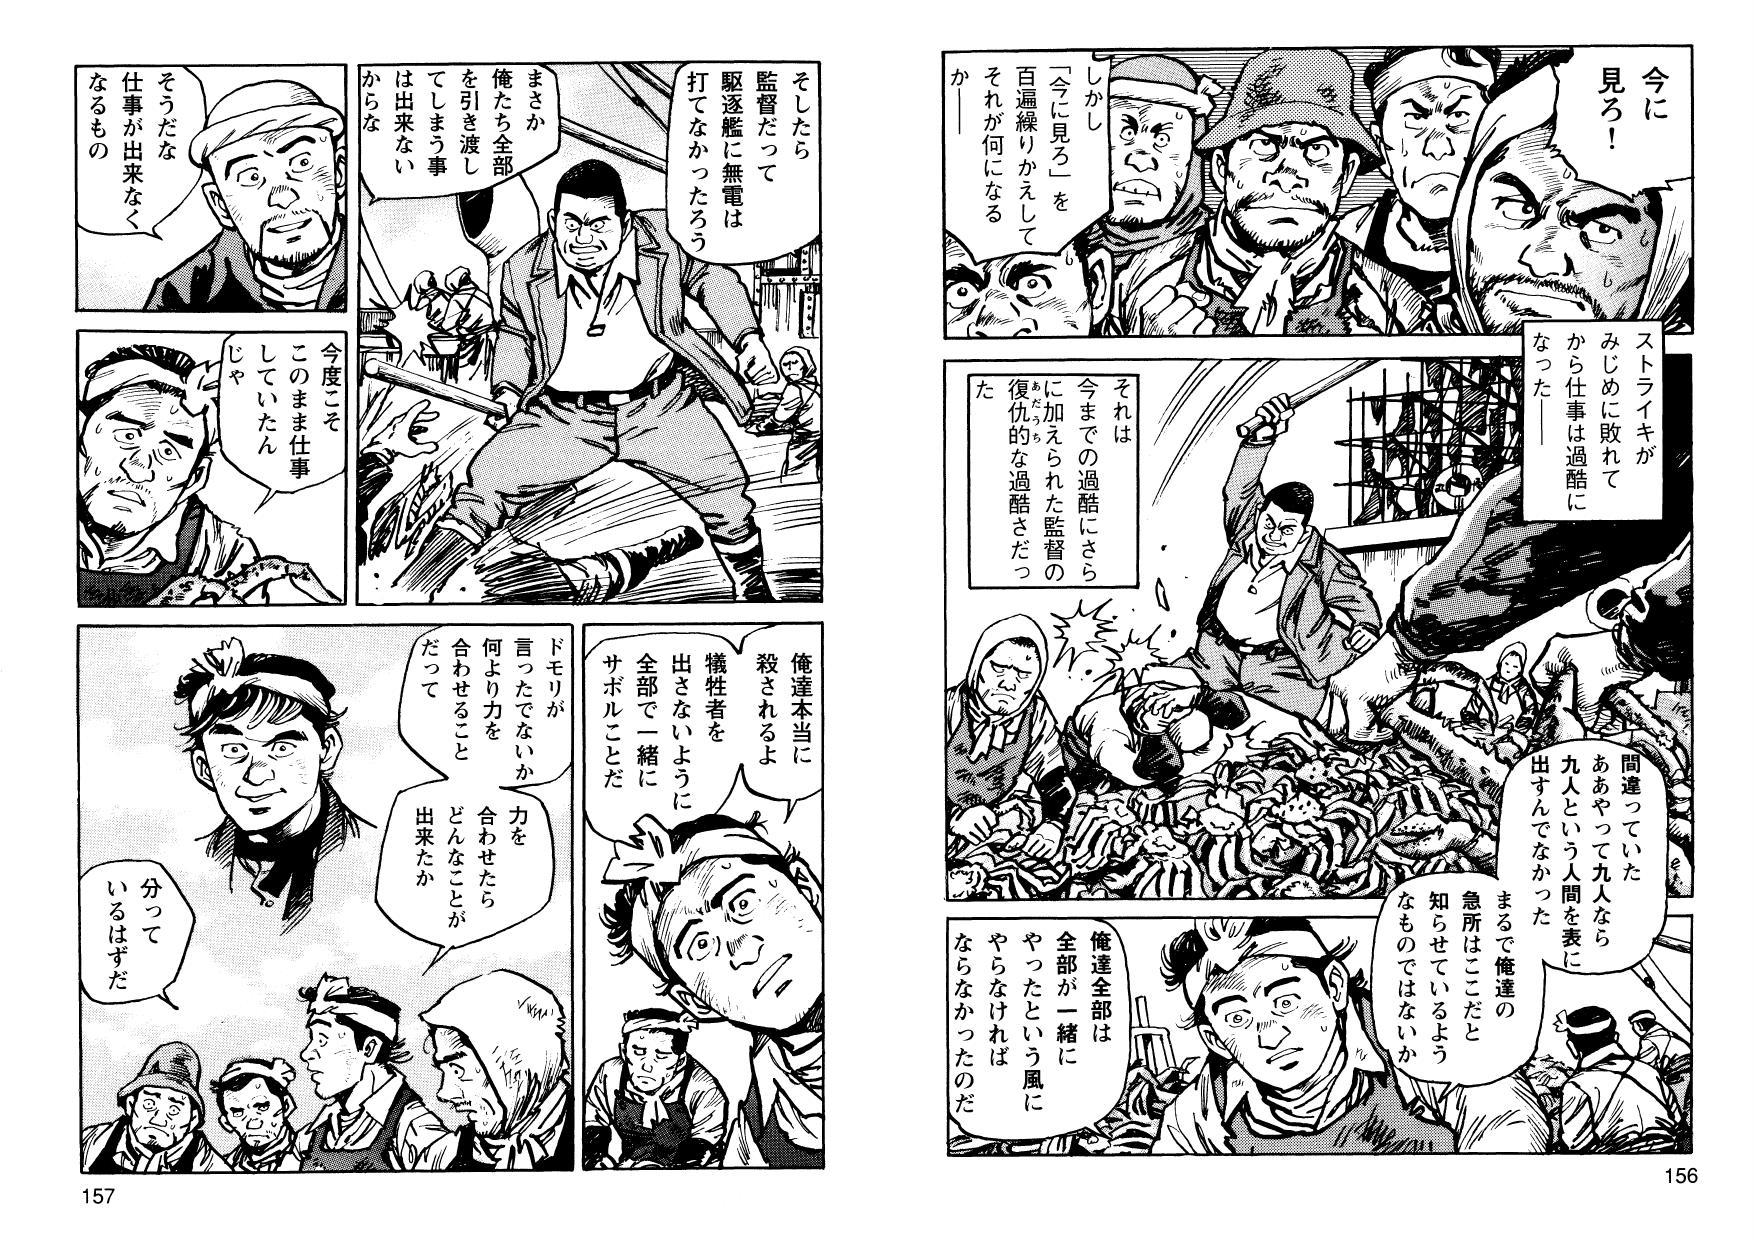 kani_cmc_000079.jpg